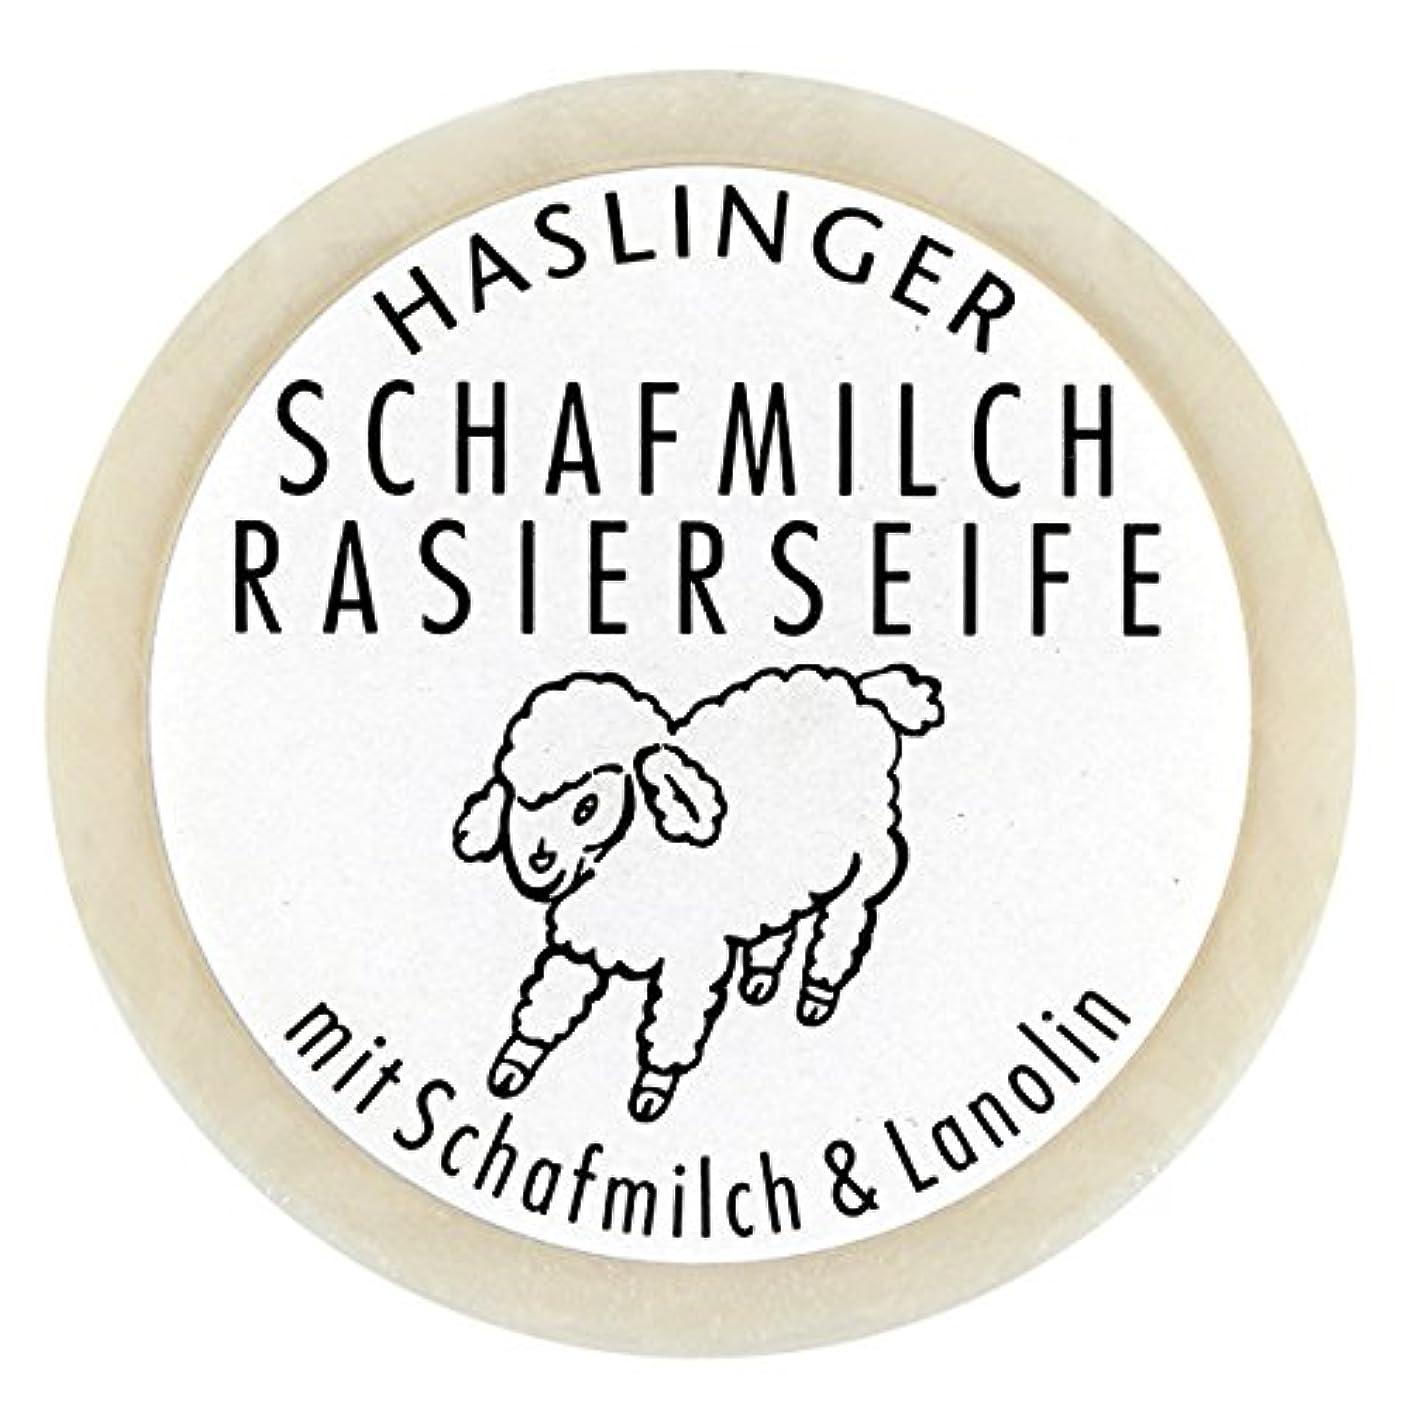 終わり酔う不正Schafmilch Rasierseife (Ewe`s Milk Shave Soap) 60g soap bar by Haslinger by Haslinger